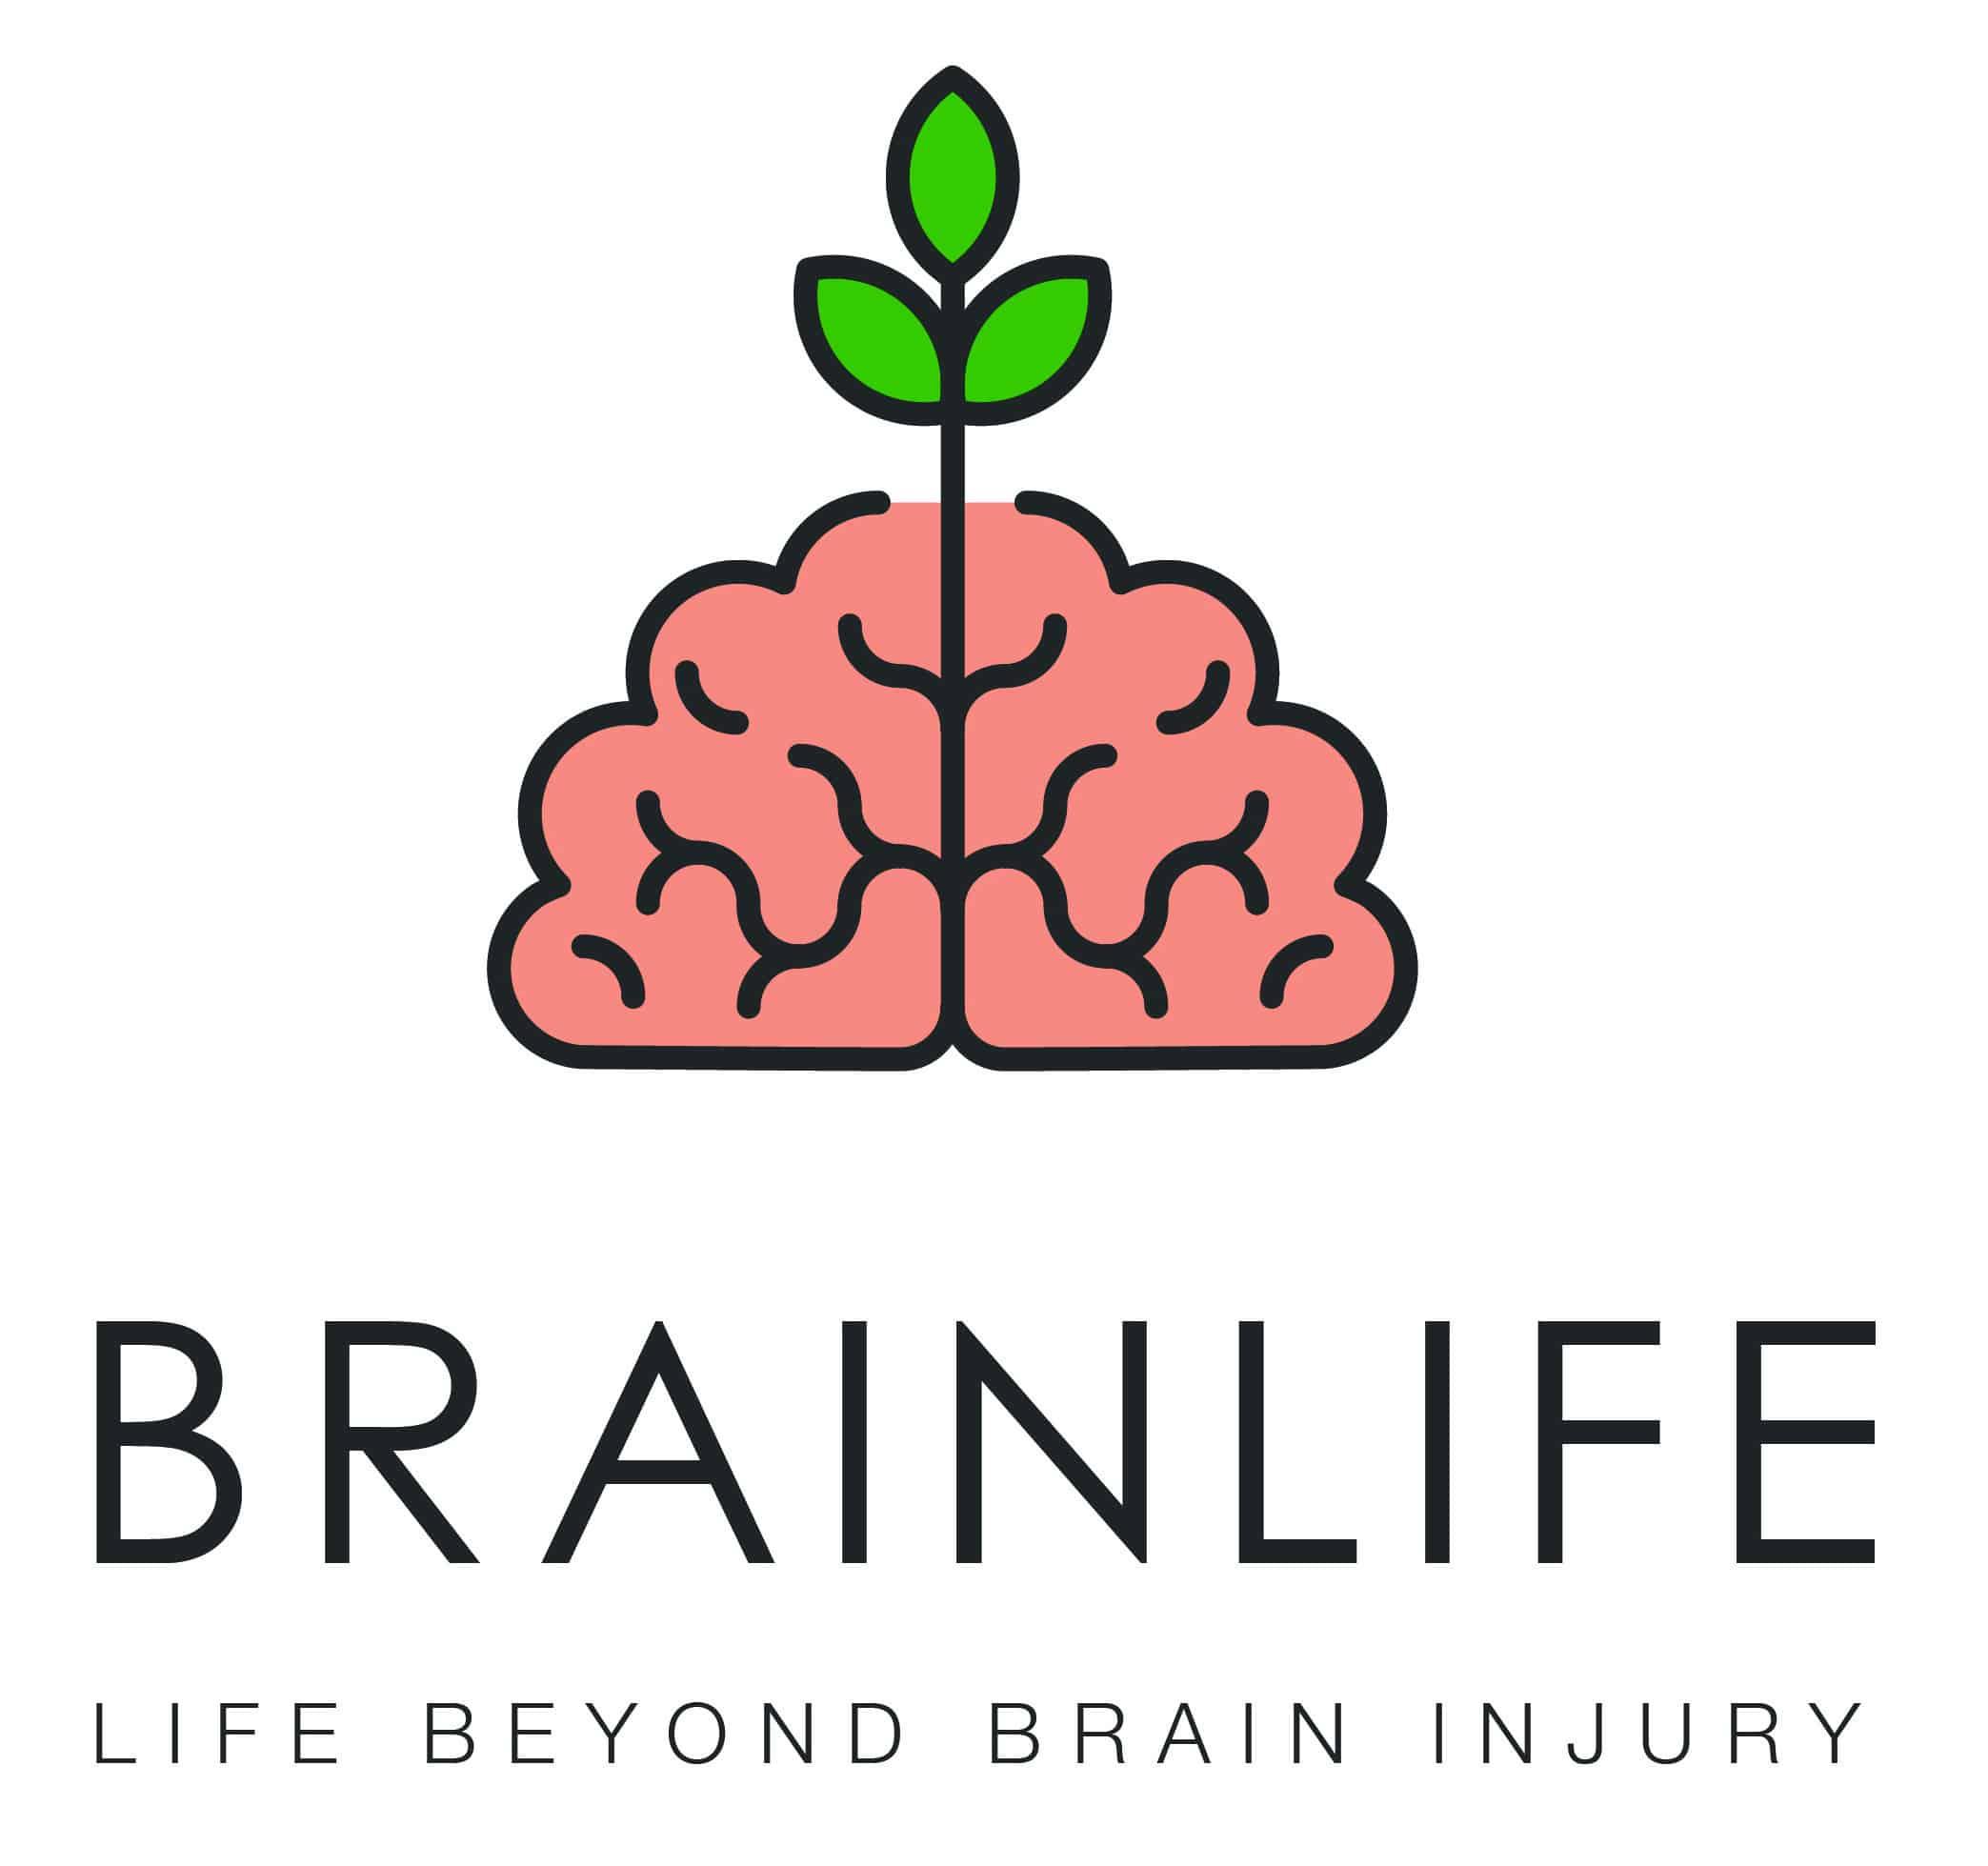 BrainLife - Life beyond brain injury